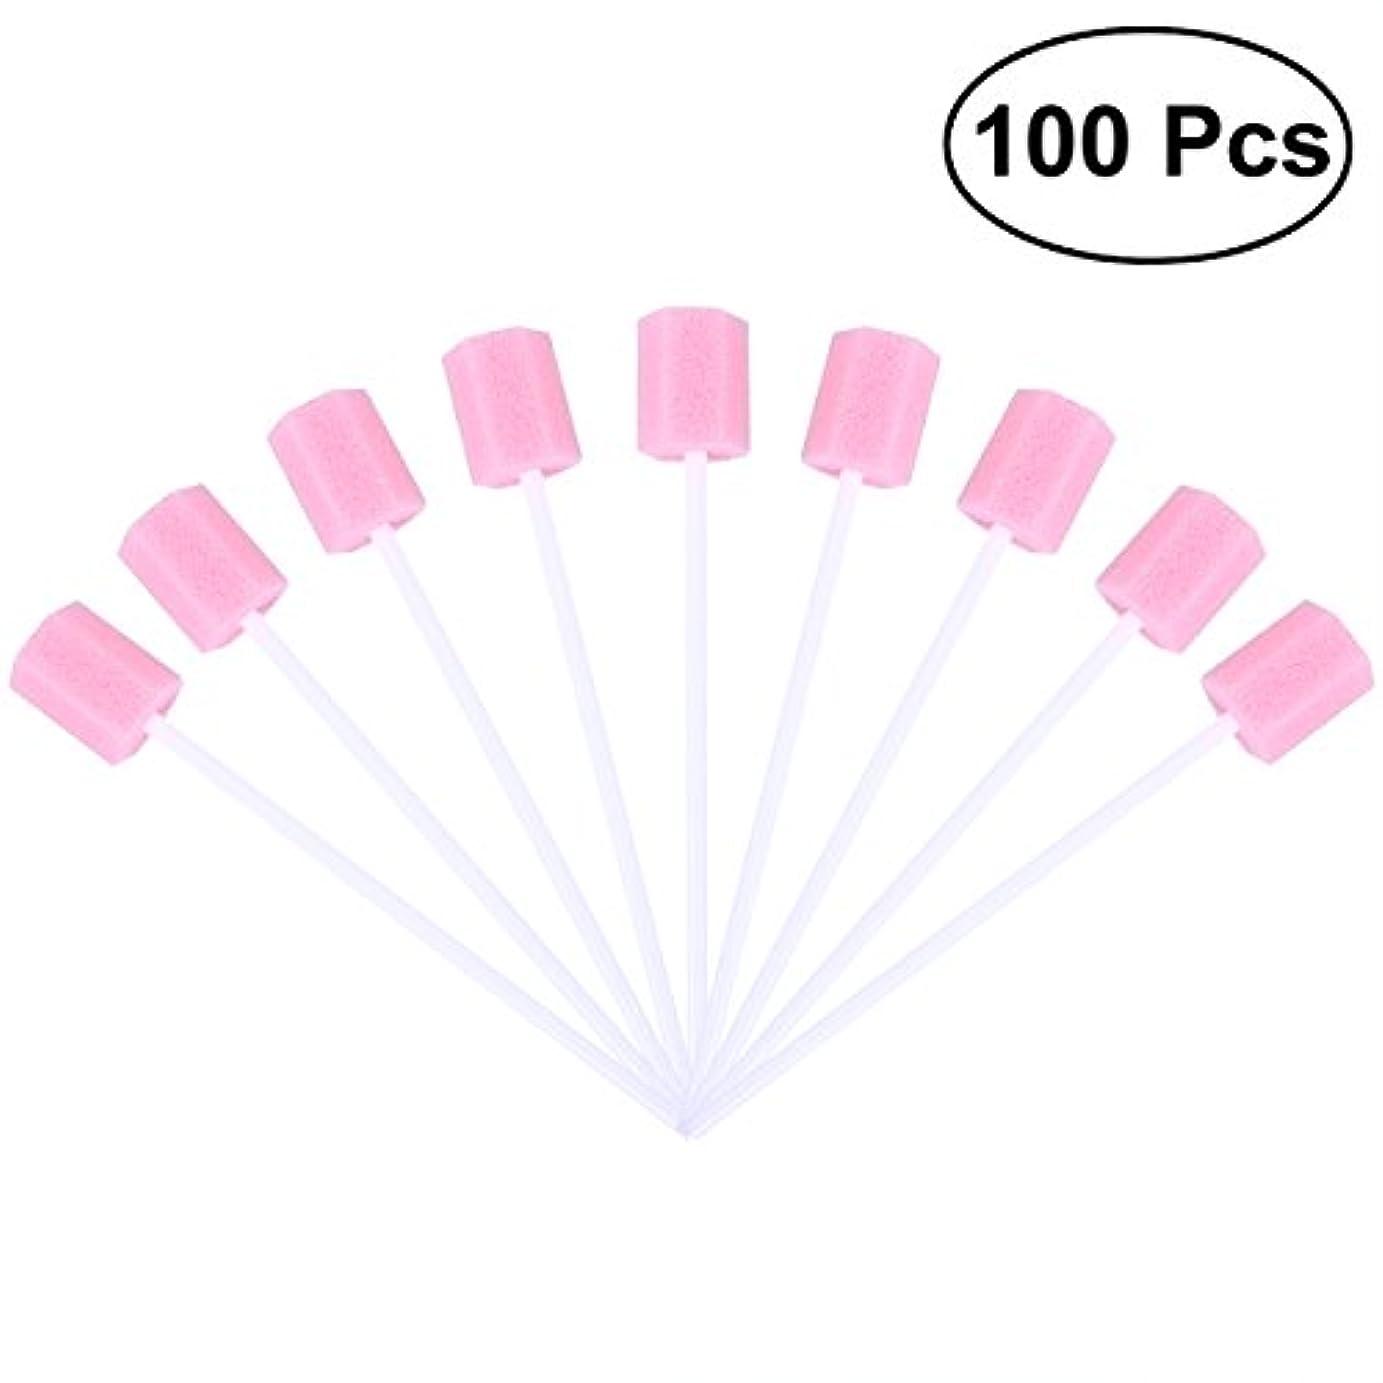 非常に教育学姉妹ROSENICE 使い捨て口腔ケアスポンジスワブ歯口洗浄スワブ100個(ピンク)